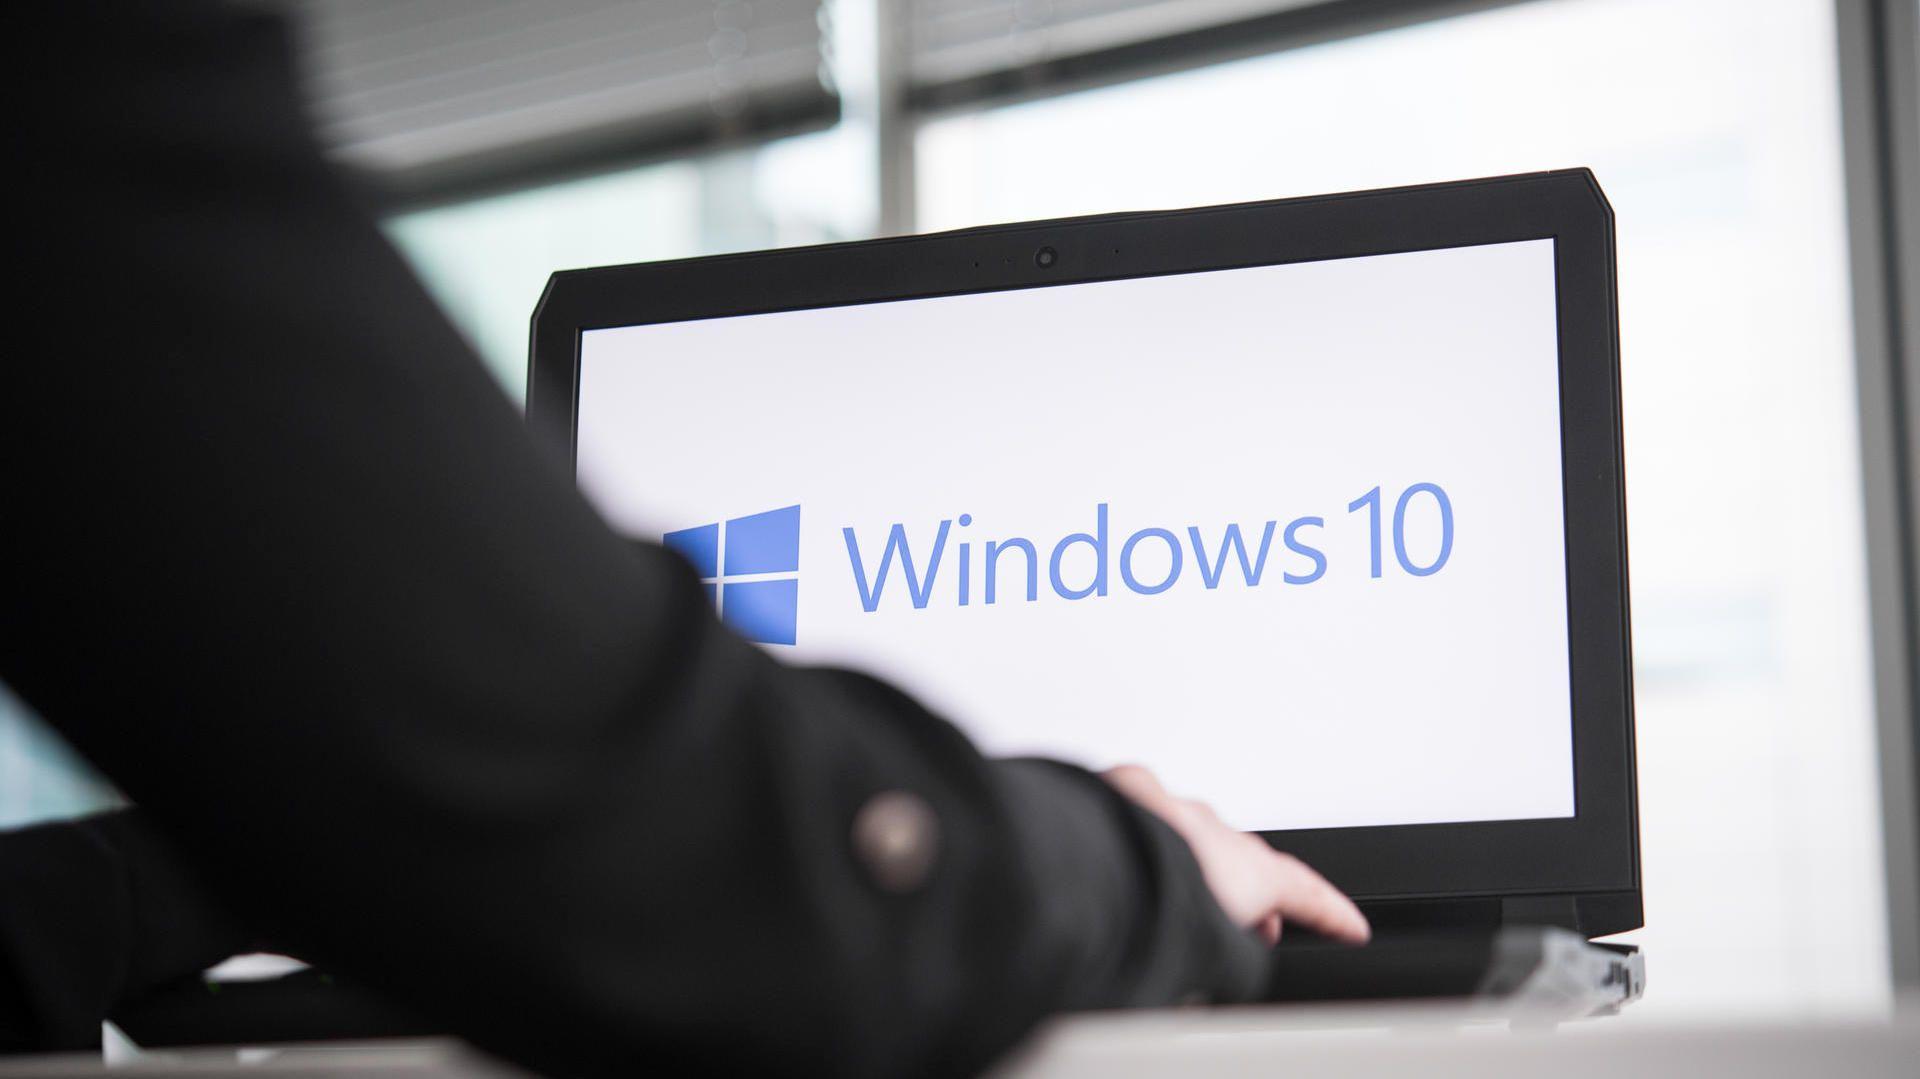 Losch Assistent Fur Windows 10 Verleitet Zu Fehlern Computertechnik Apps Loschen Und Internetsicherheit